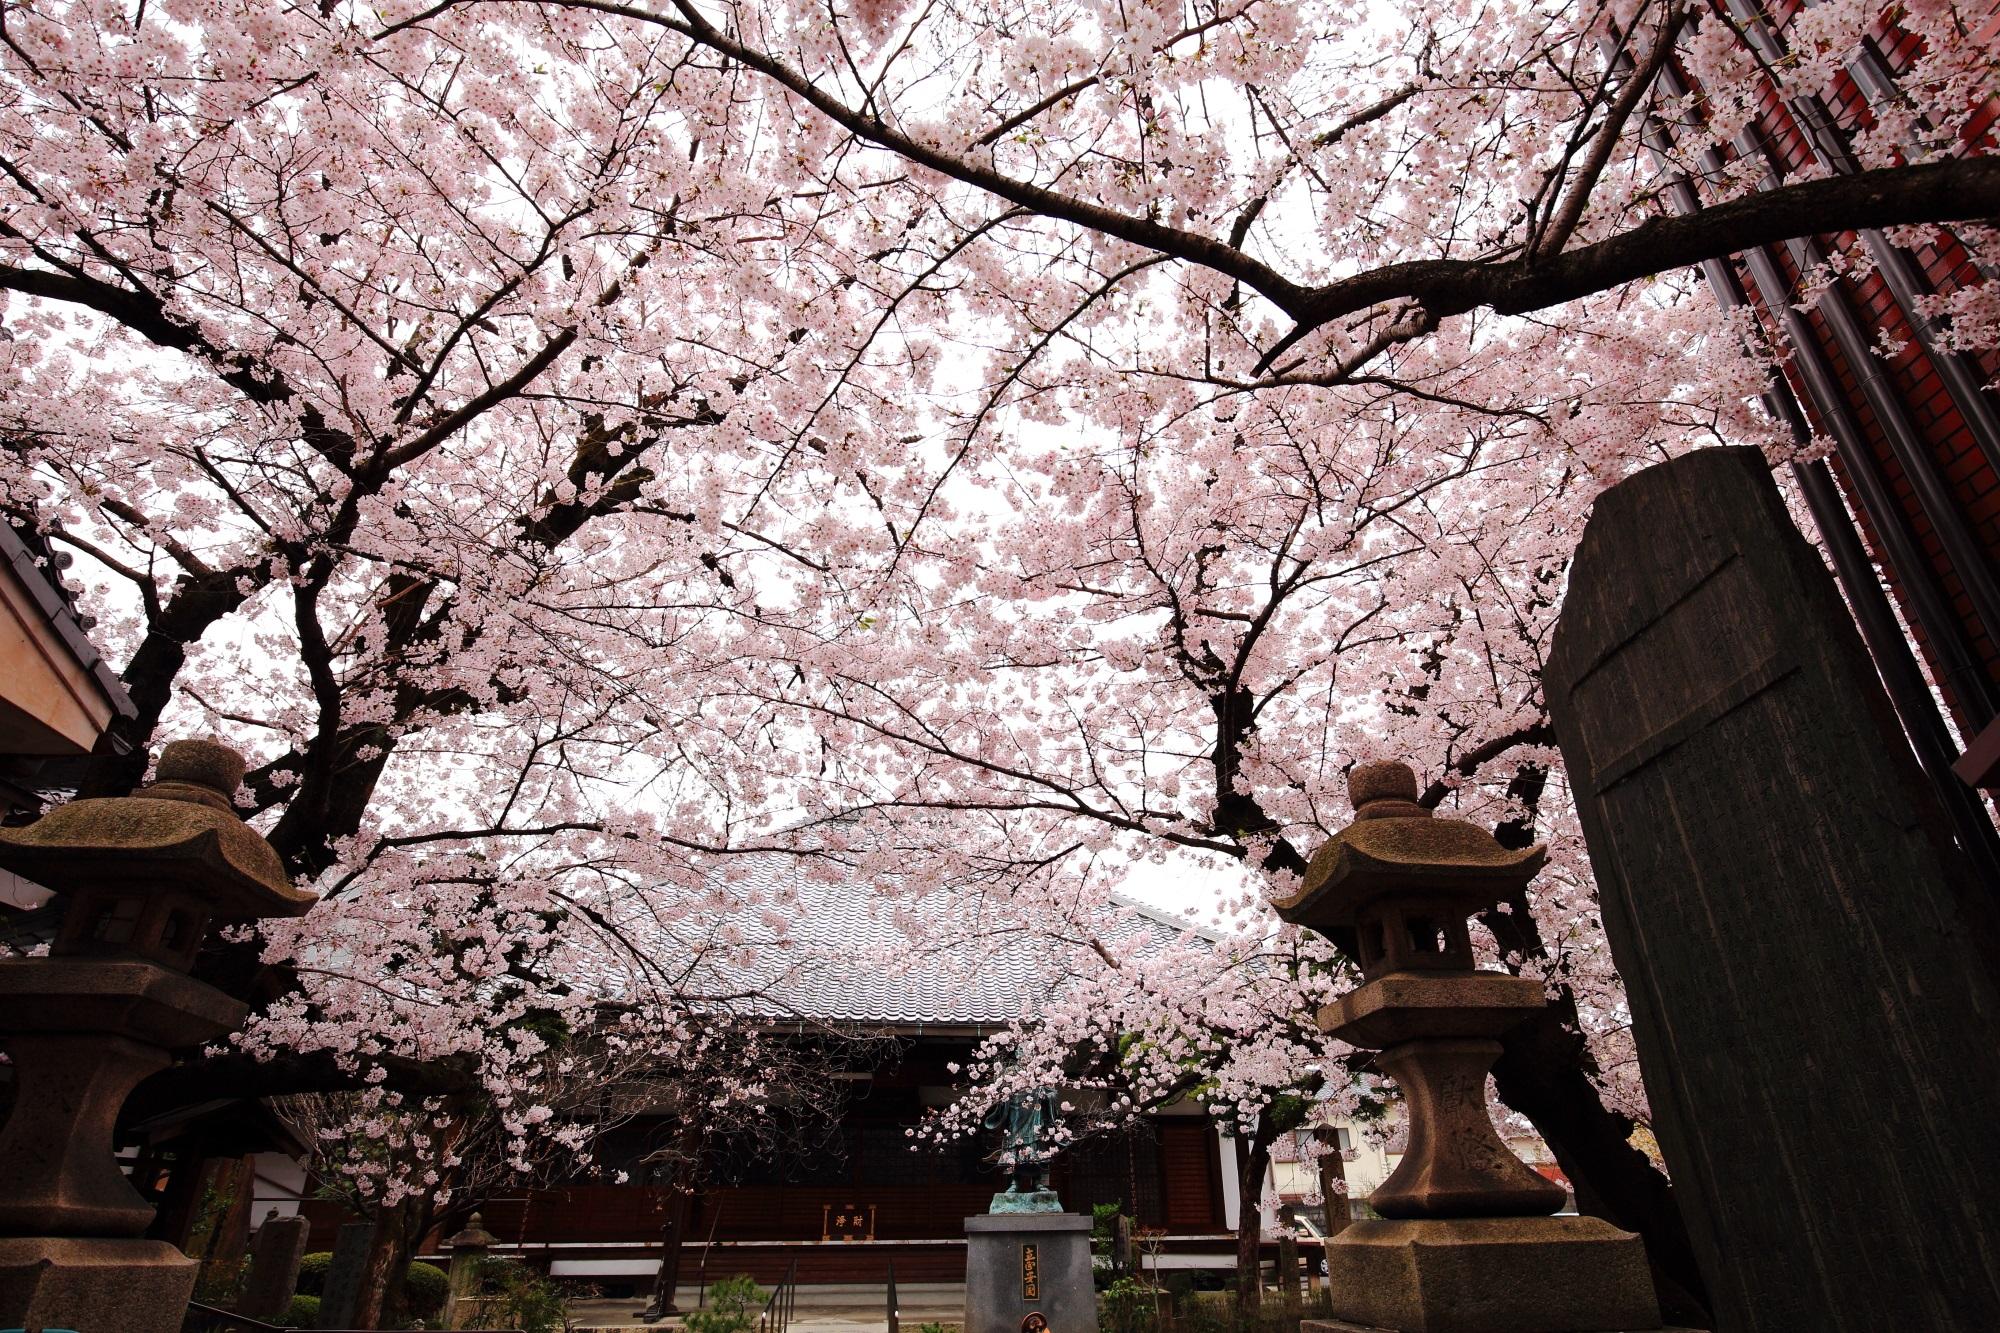 優雅な墨染桜と境内をそめる桜